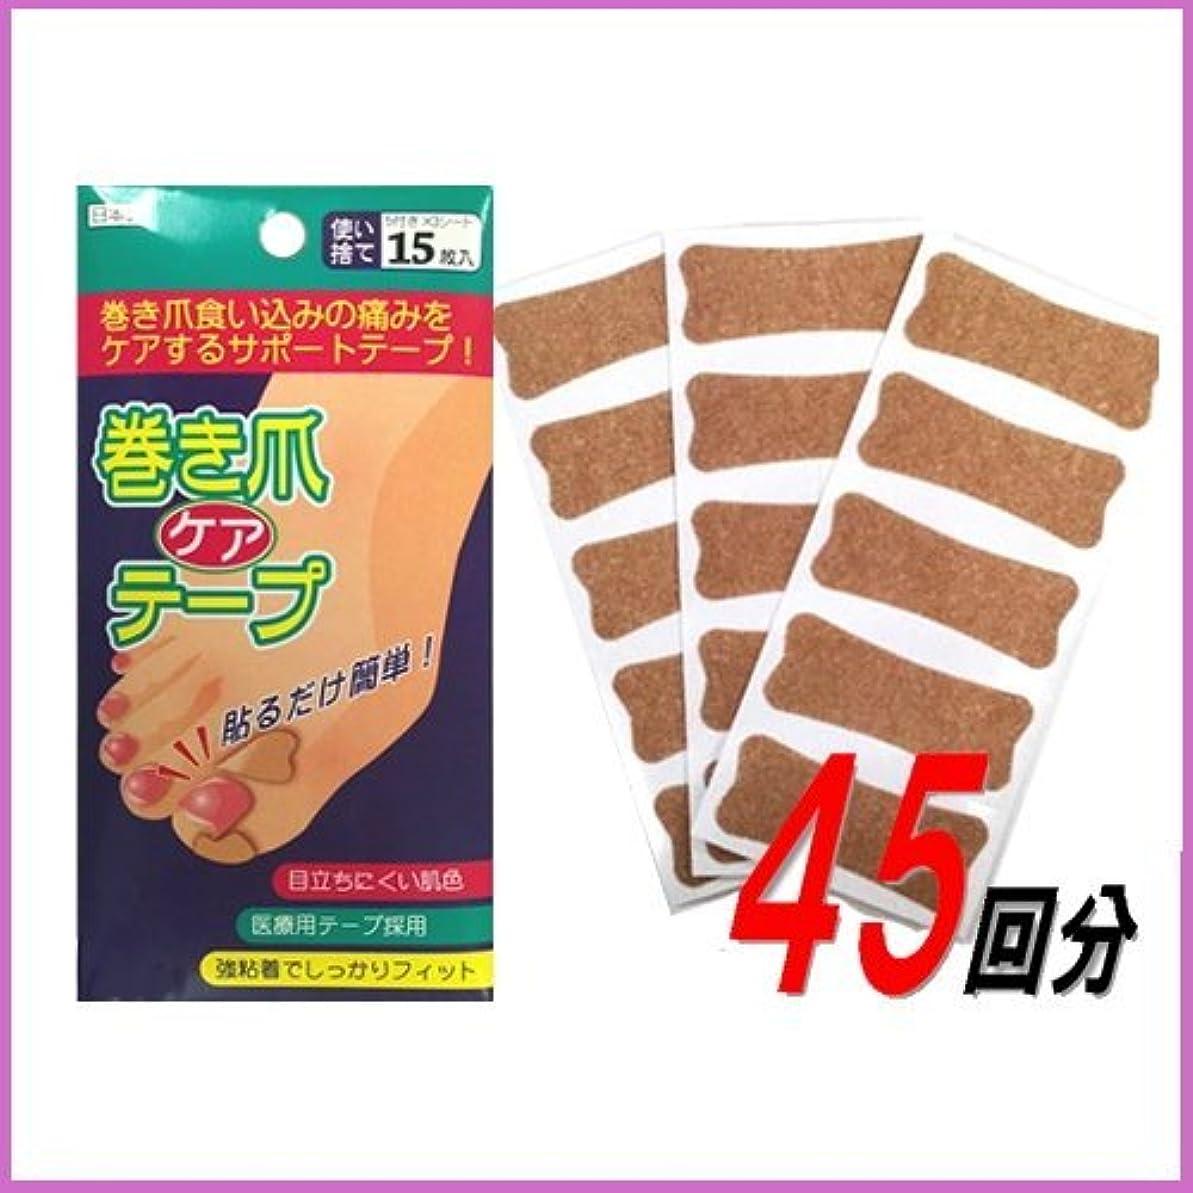 エキス胚ハプニング巻き爪 テープ 3個セット ブロック ケア テーピング 日本製